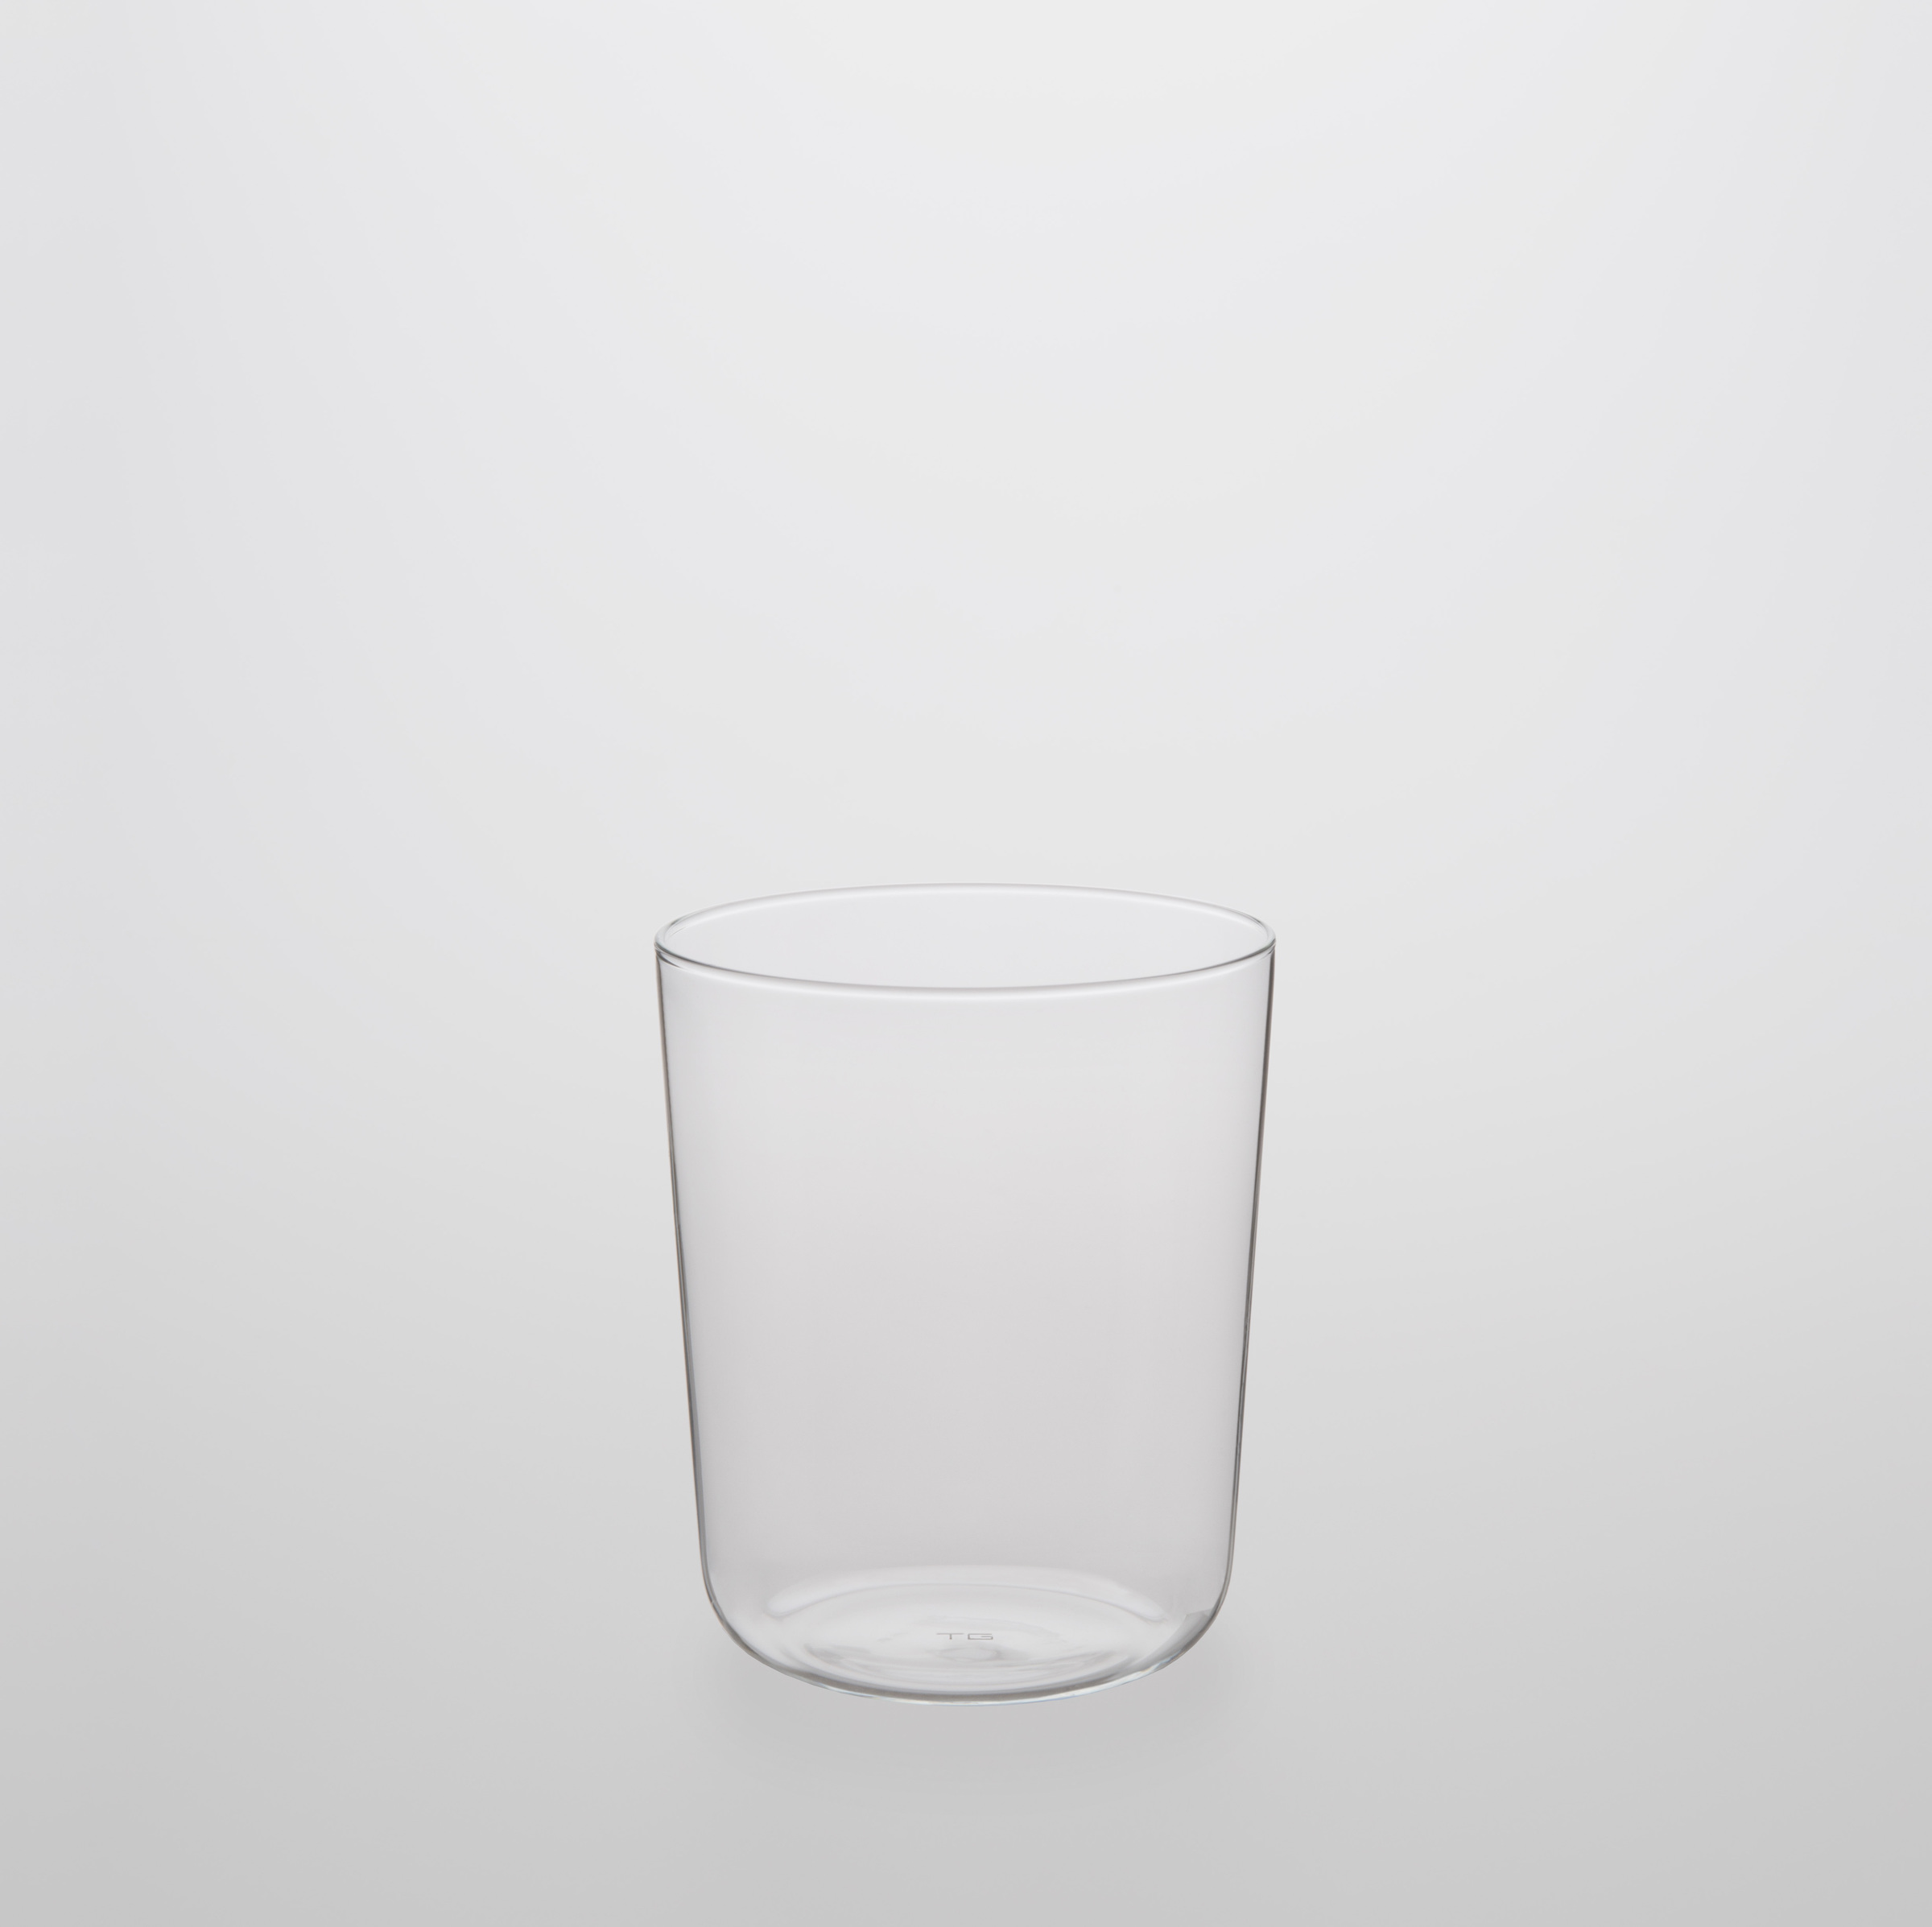 耐熱玻璃水杯 320ml.jpg